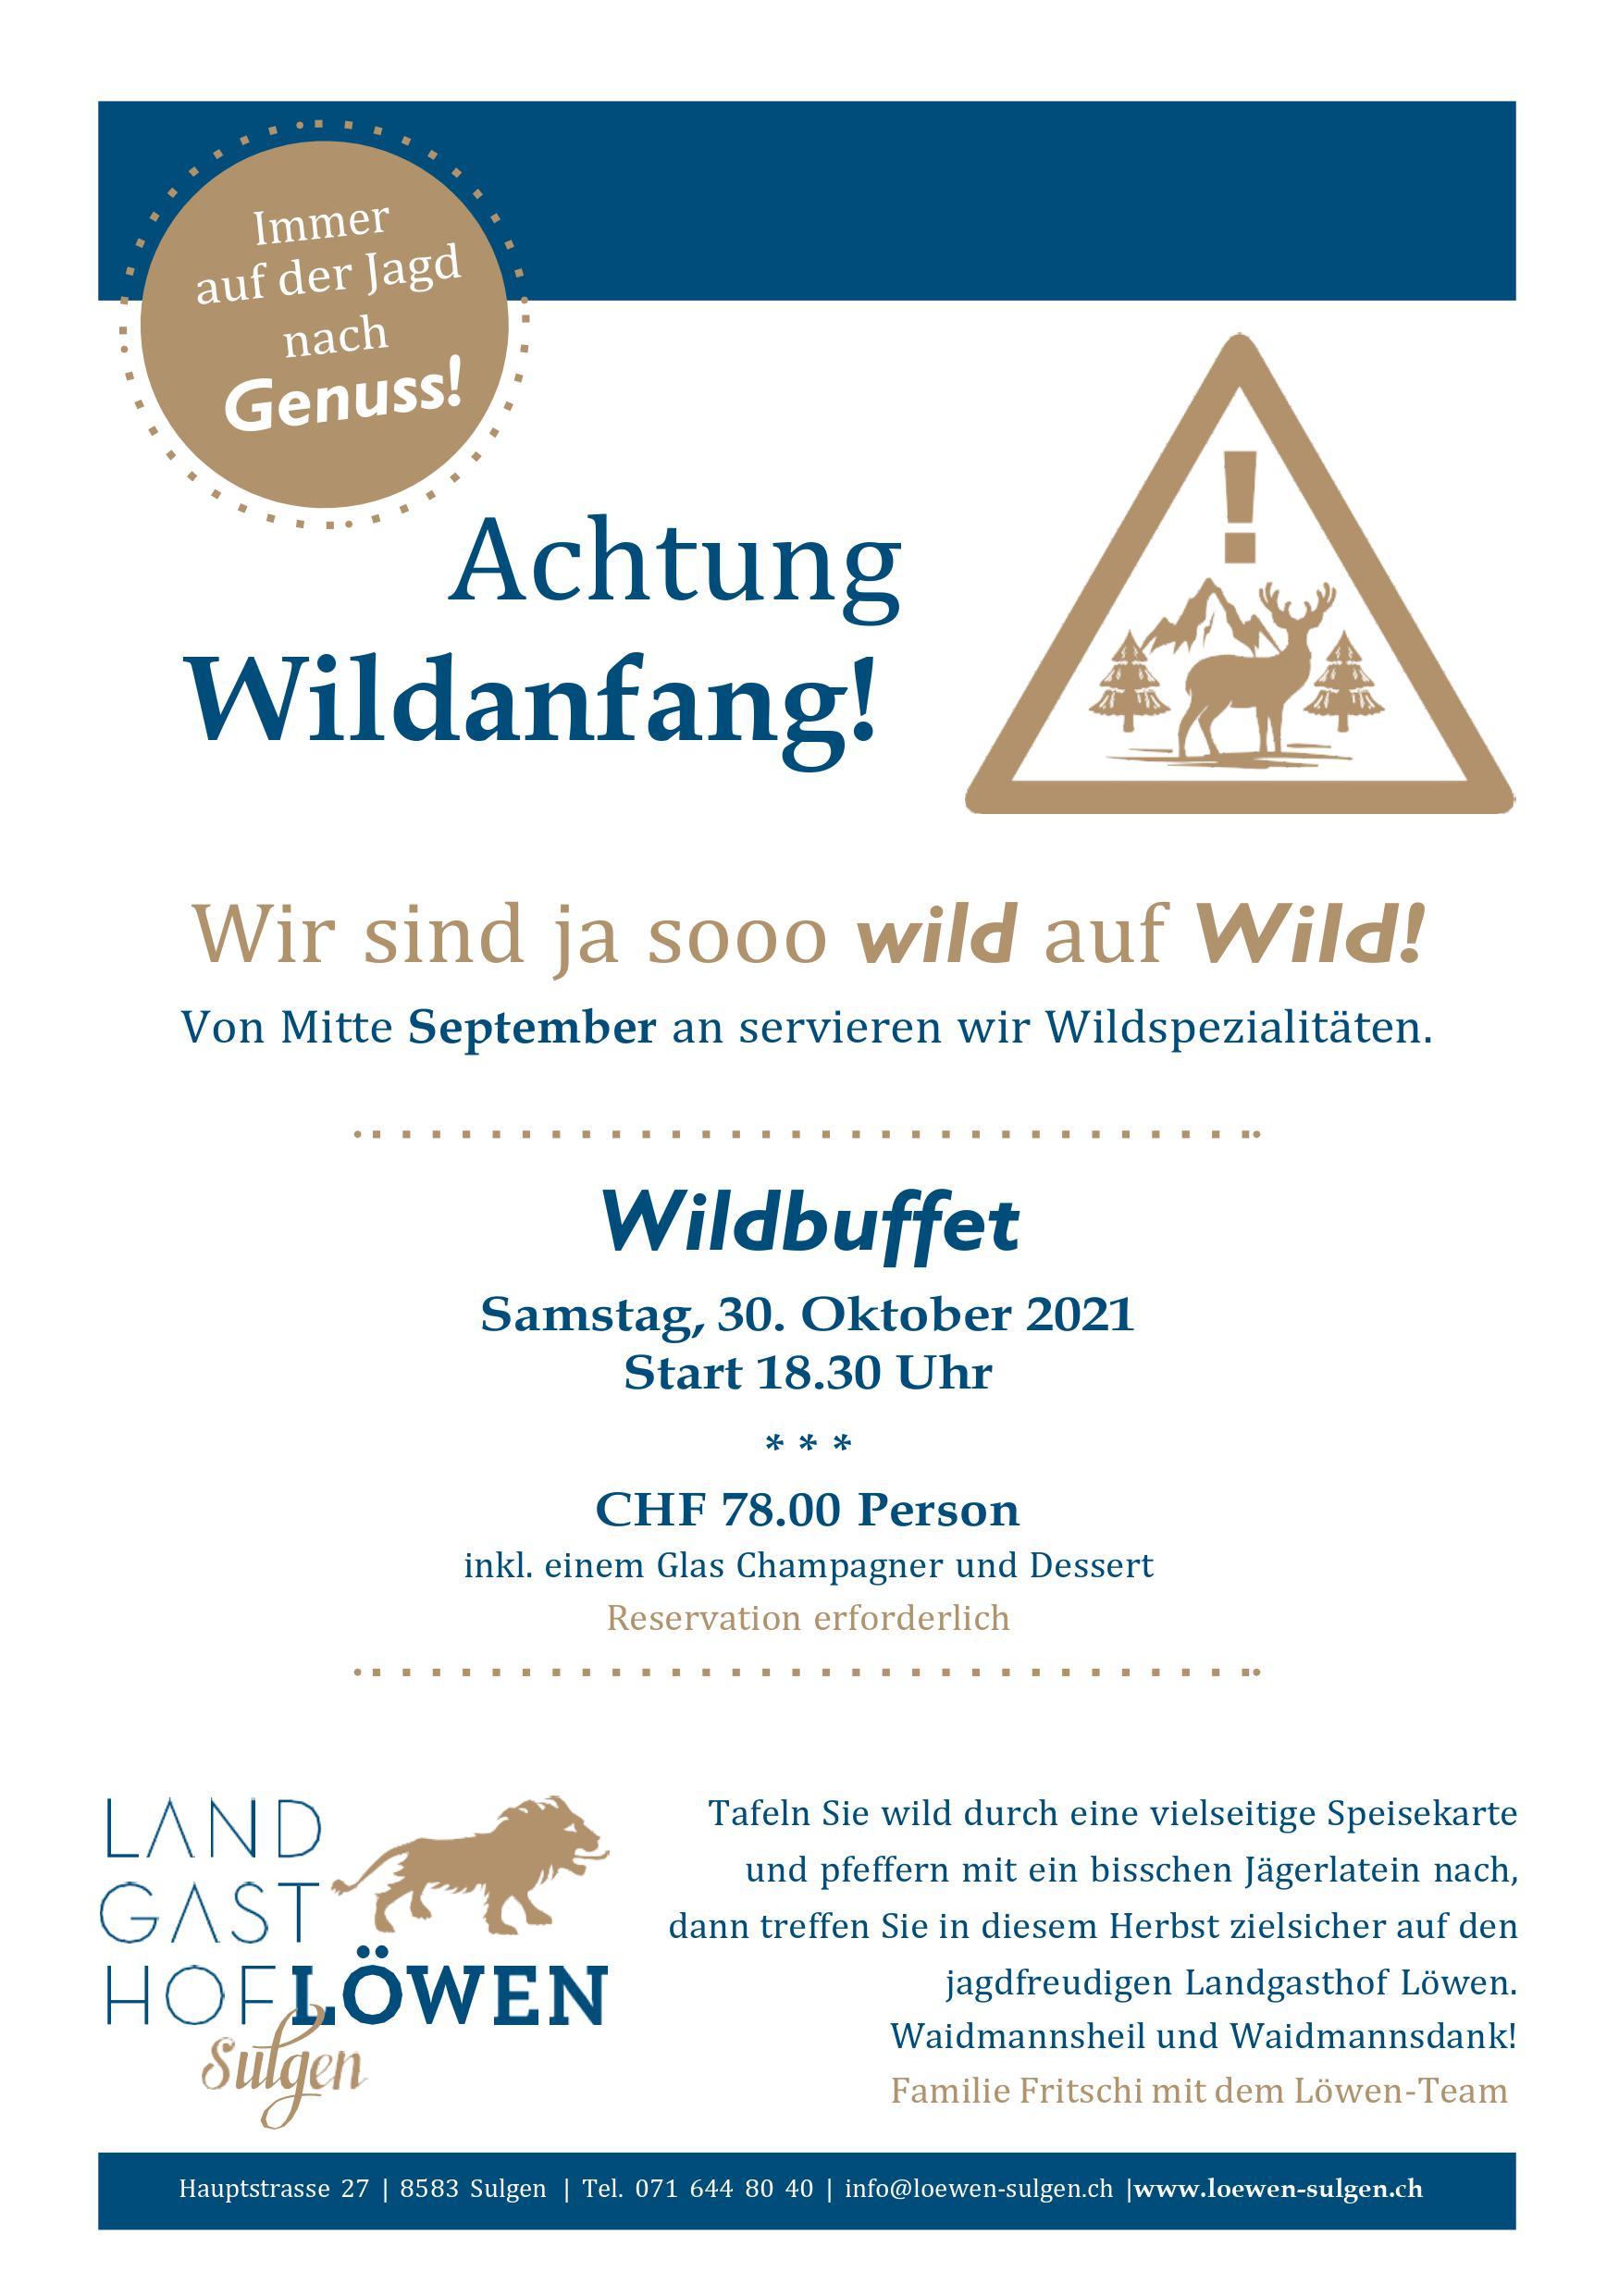 Wildbuffet 2021